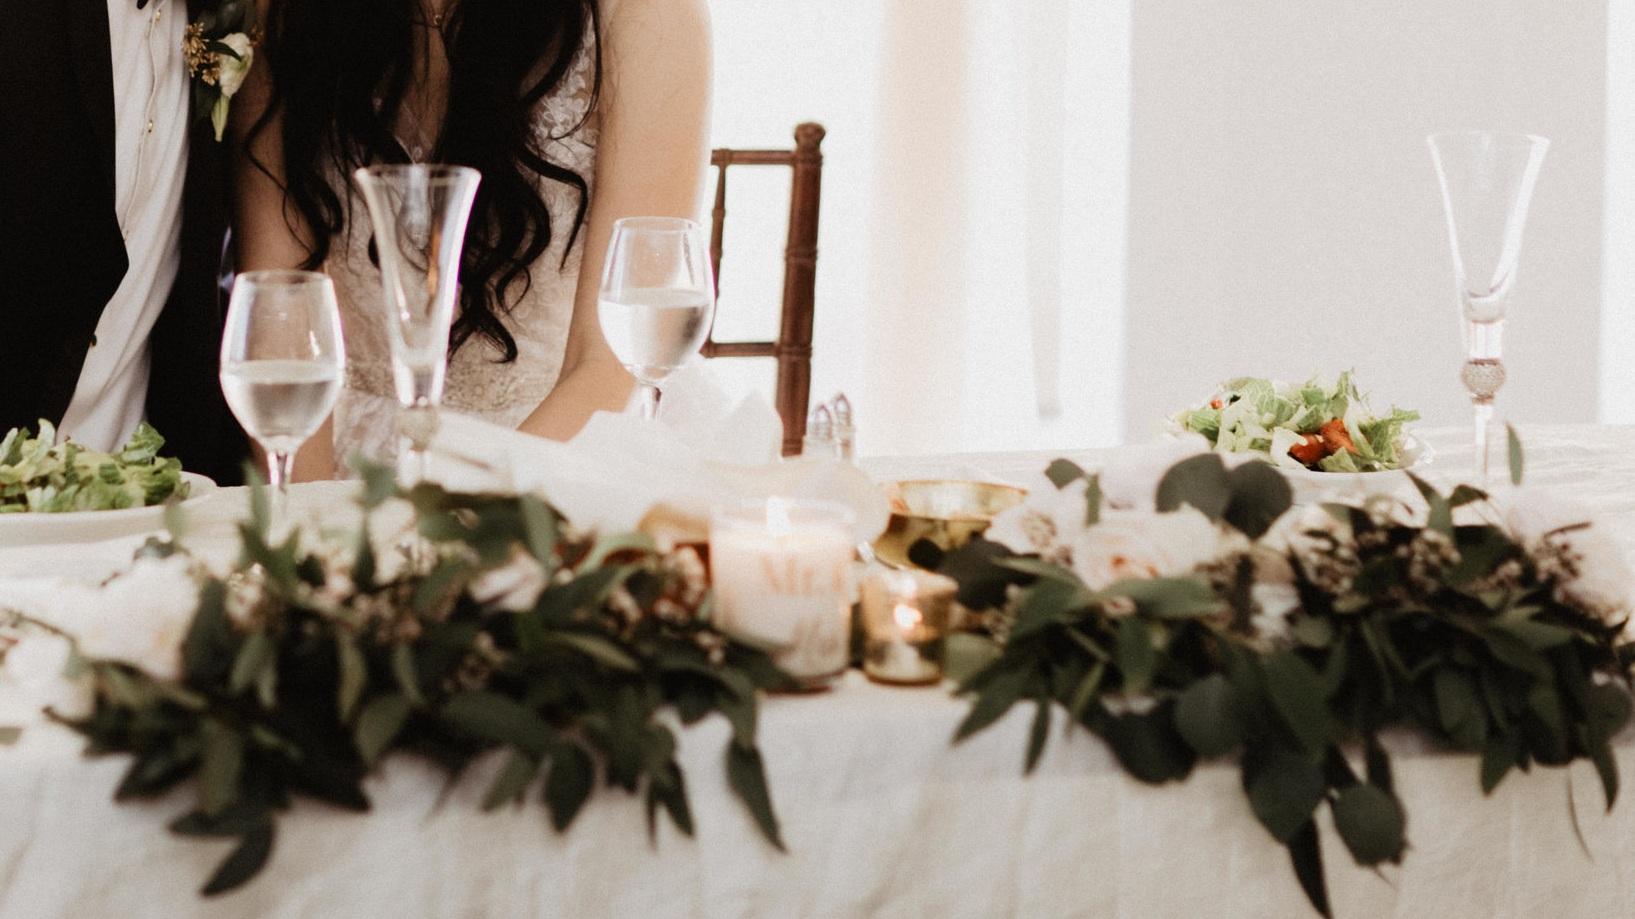 jessicathomas_wedding_eicharphotography886of1222.jpg